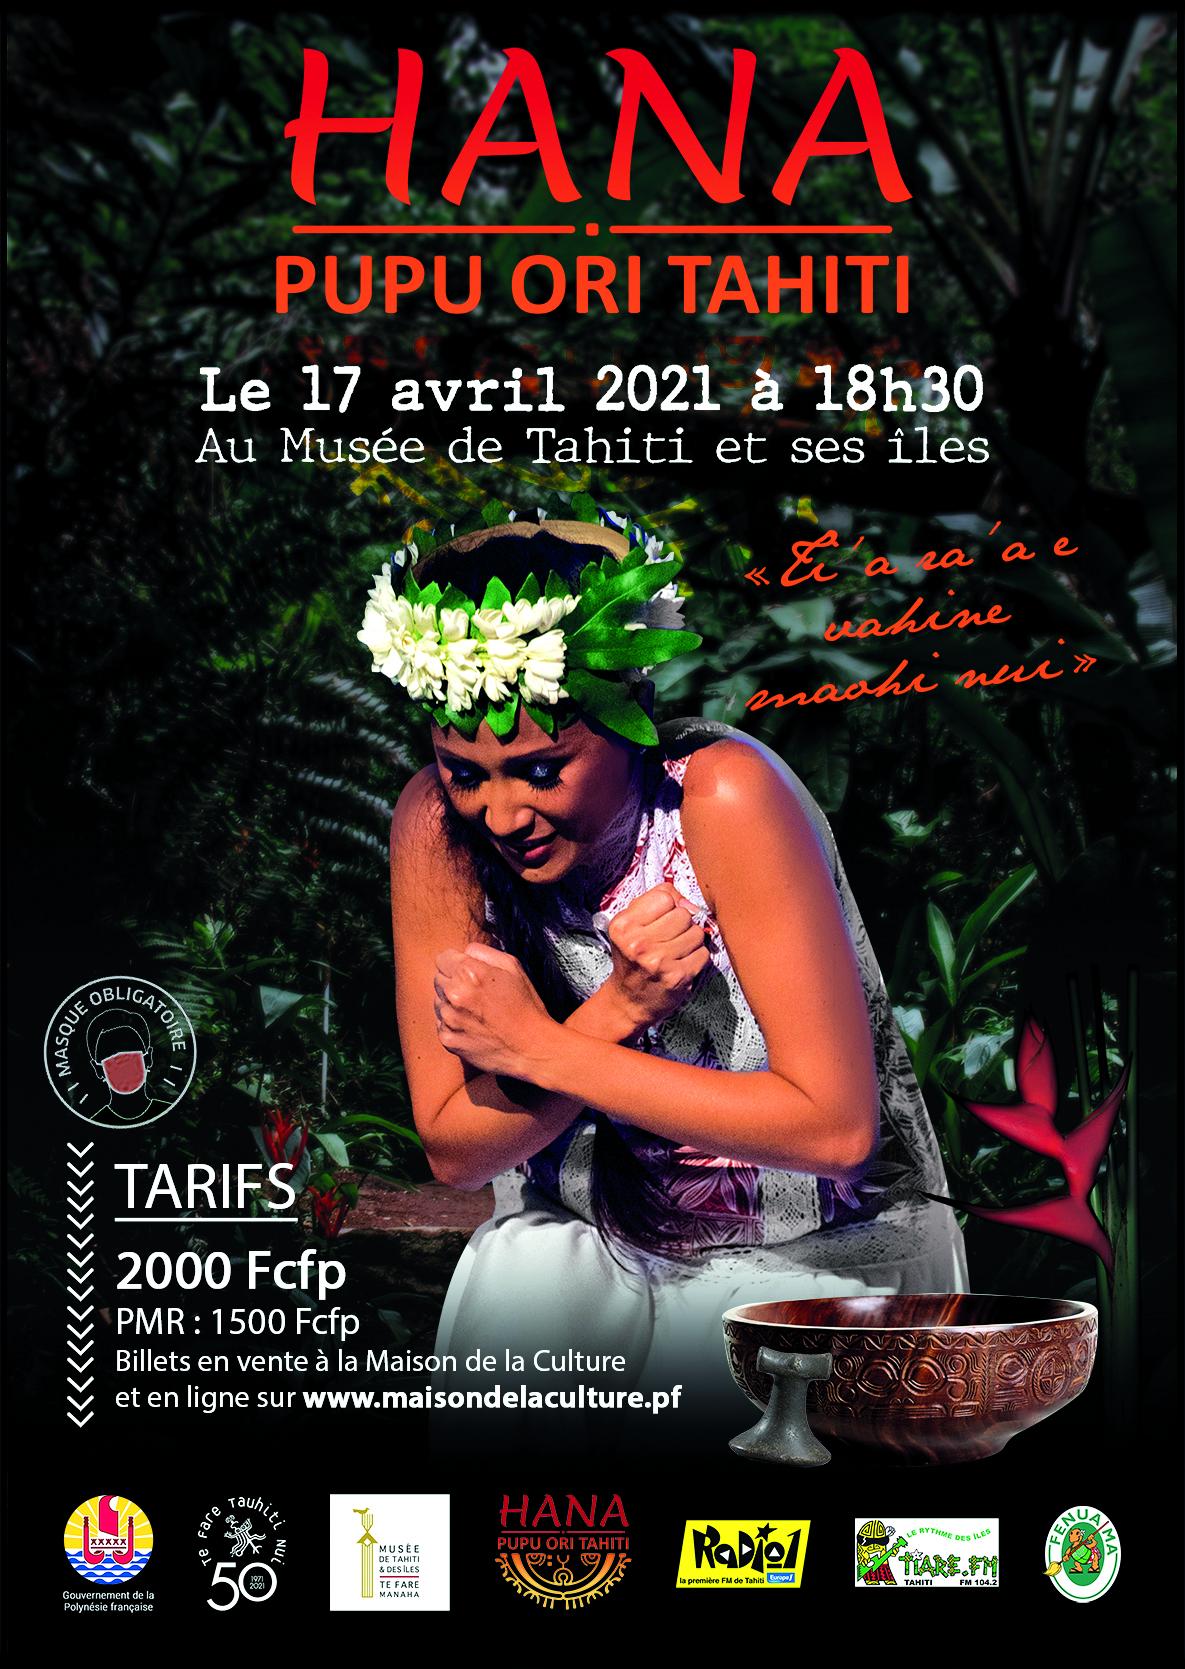 Hana pupu ori Tahiti met les femmes à l'honneur